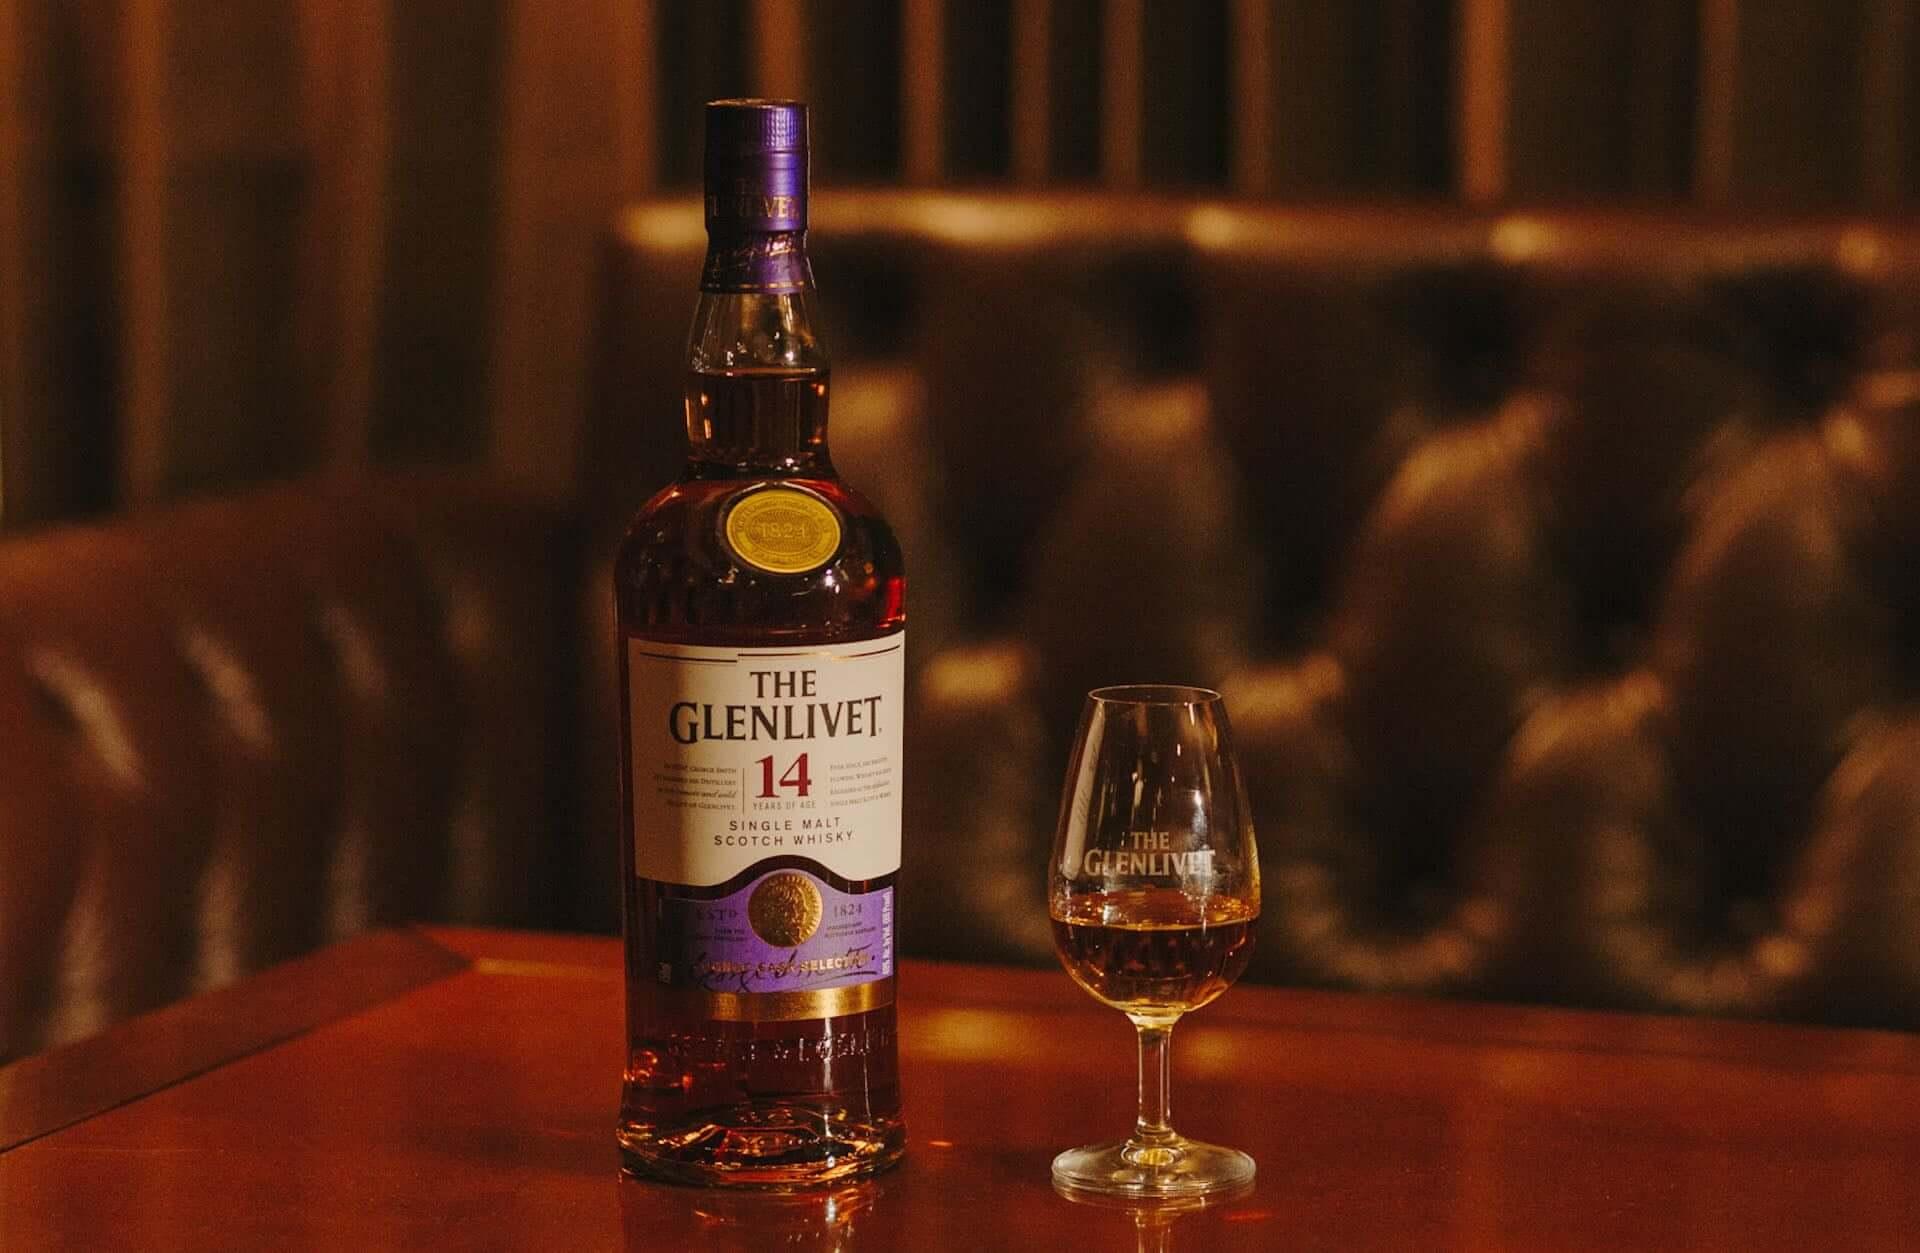 米国市場限定ウイスキー『ザ・グレンリベット 14年 コニャックカスク・セレクション』が日本に上陸!数量限定で先行販売決定 gourmet201116_theglenlivet_4-1920x1253